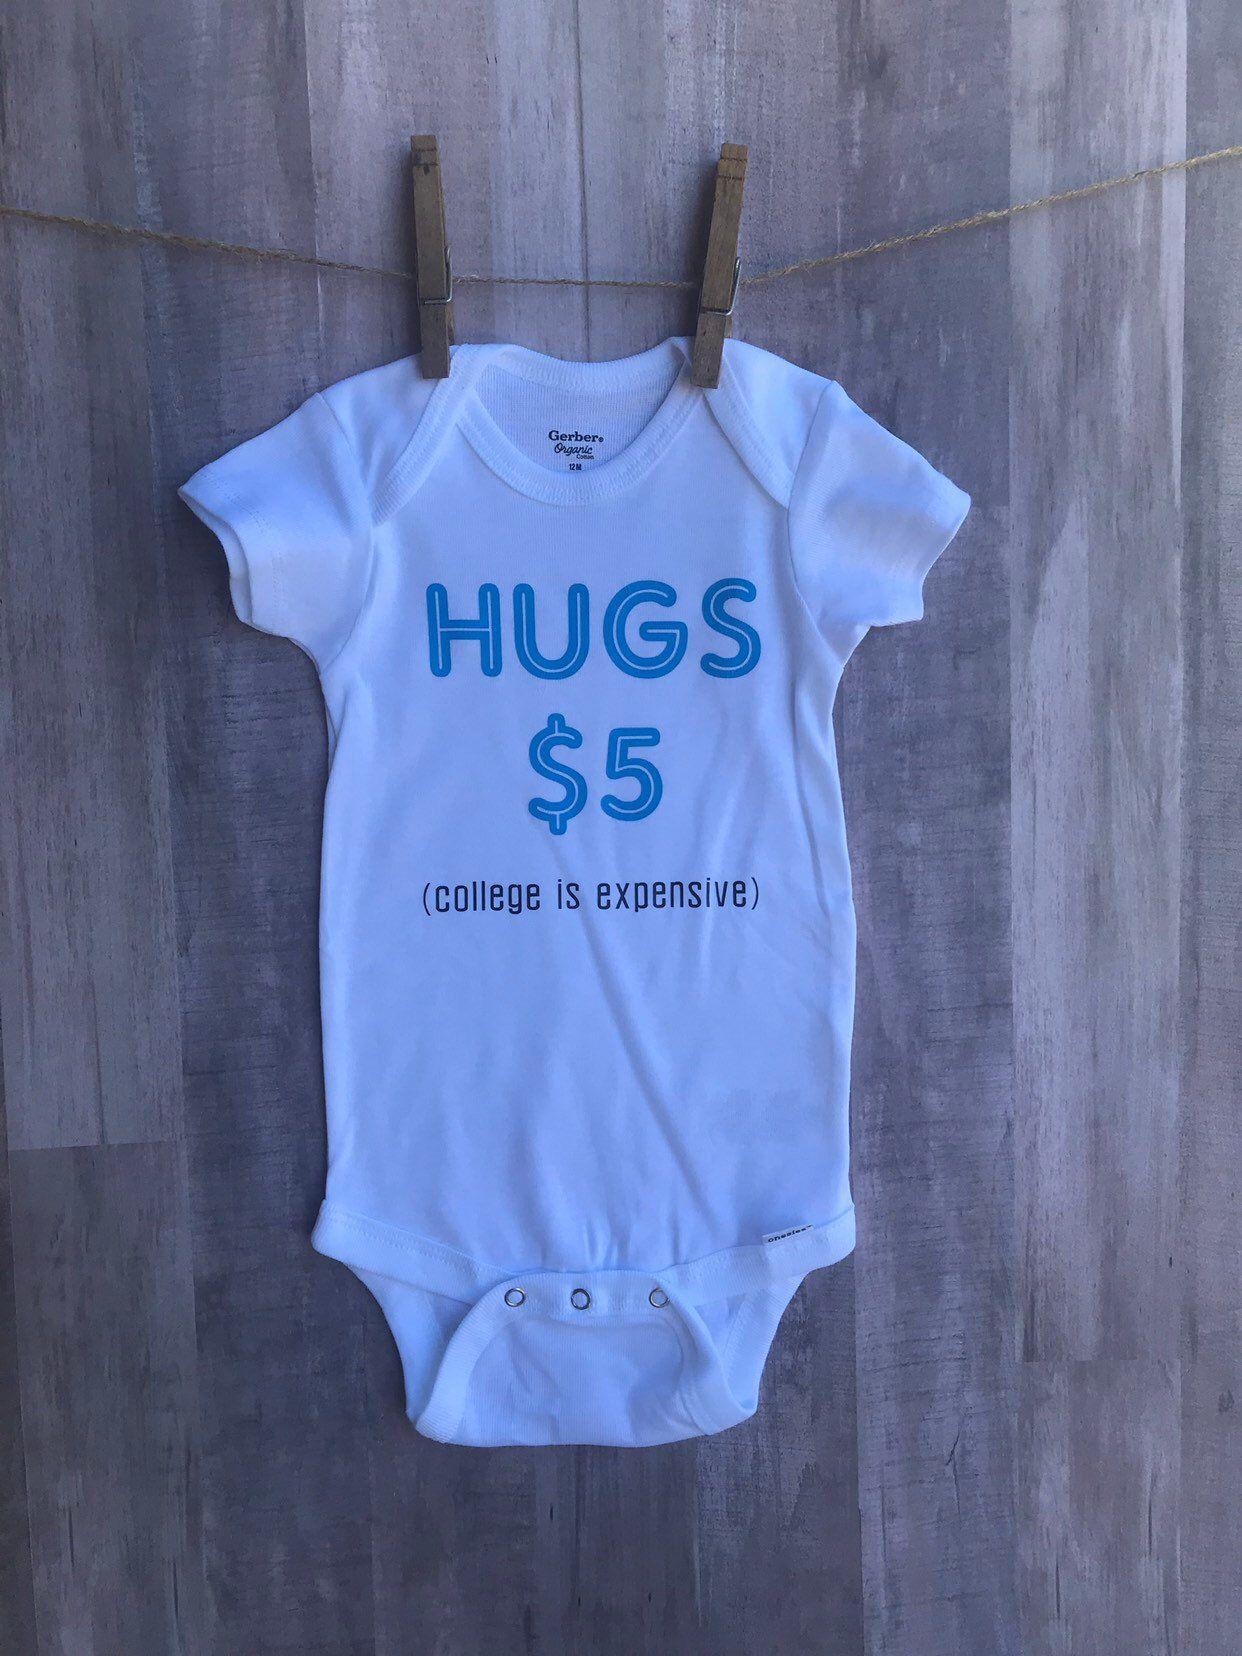 Hugs 5 dollars onesie   Onesies, Baby, Iron on vinyl